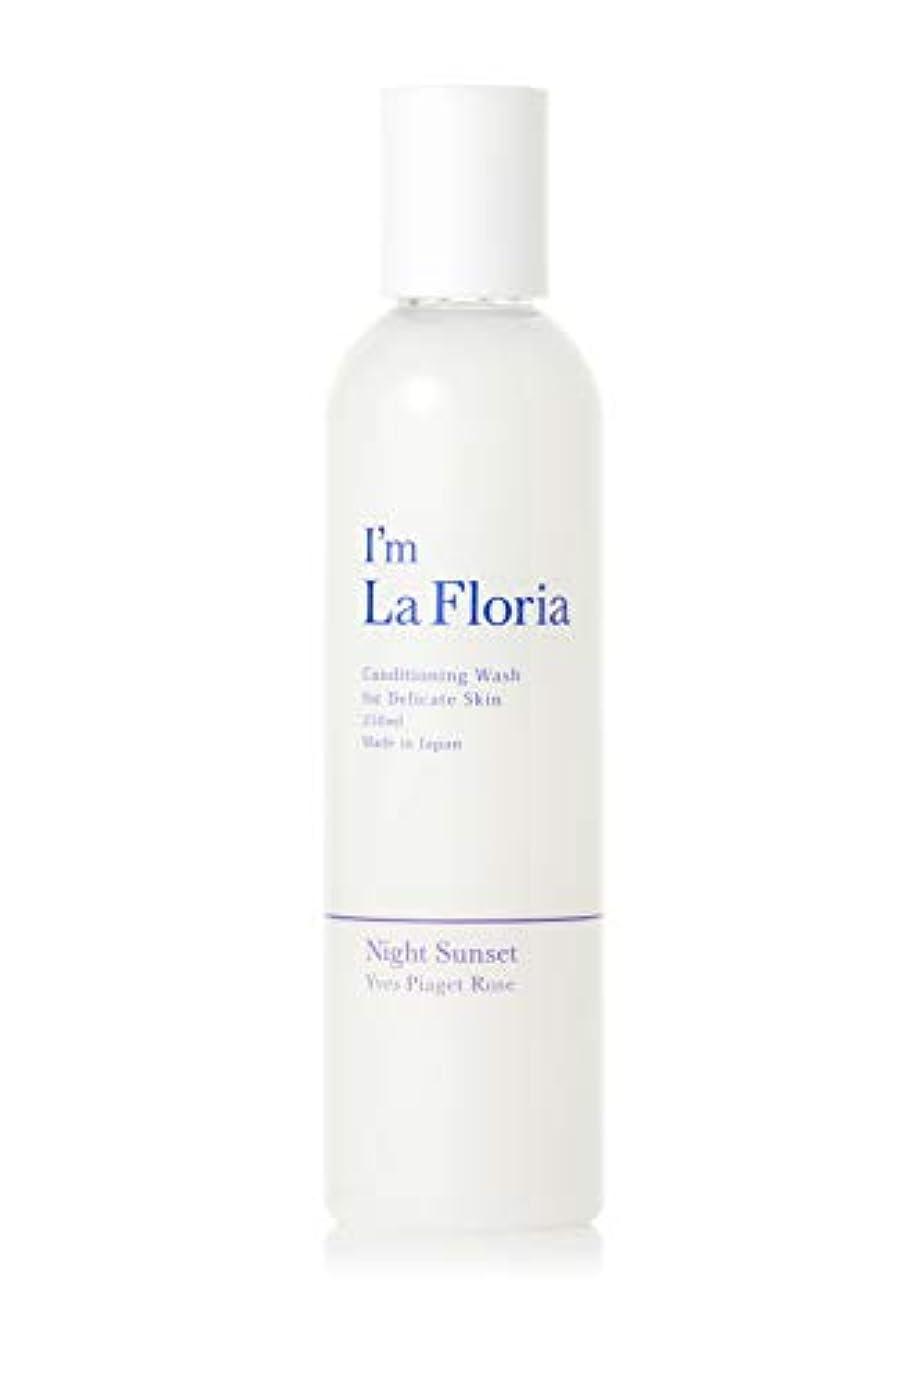 メルボルン動脈道徳アイムラフロリア デリケートボディウォッシュ 250ml イヴピアッツェローズの香り